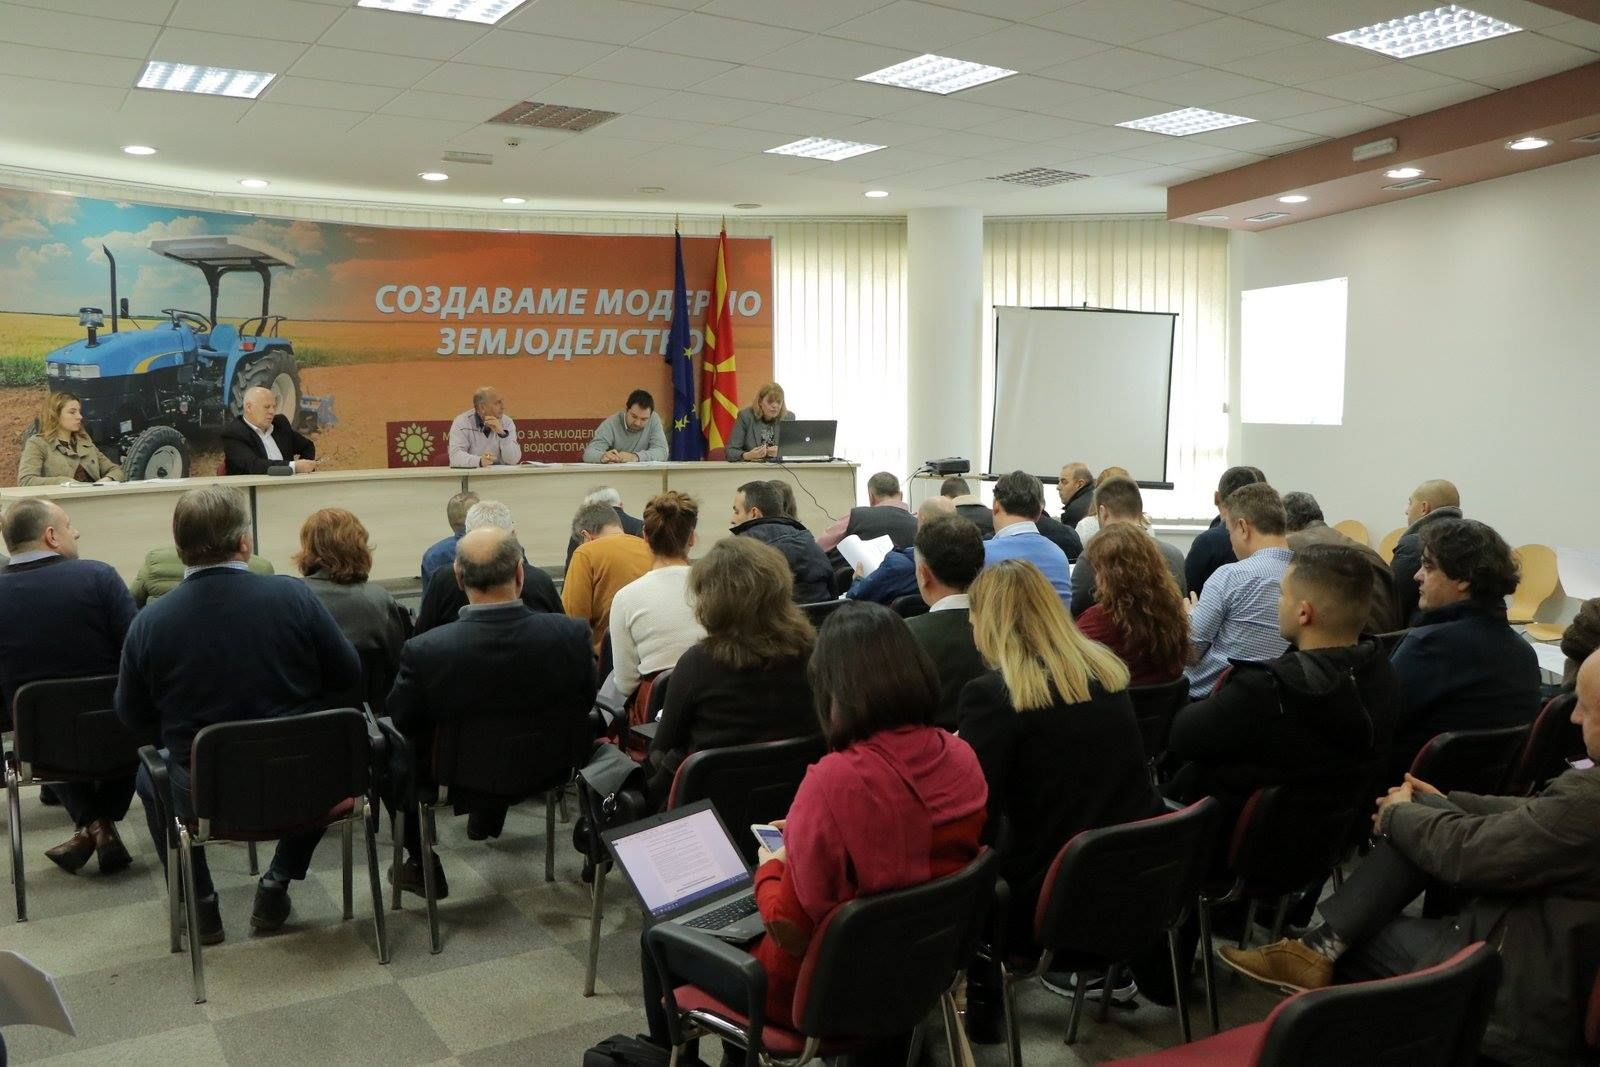 Photo of МЗШВ ја презентираше новата предлог програма за следната година